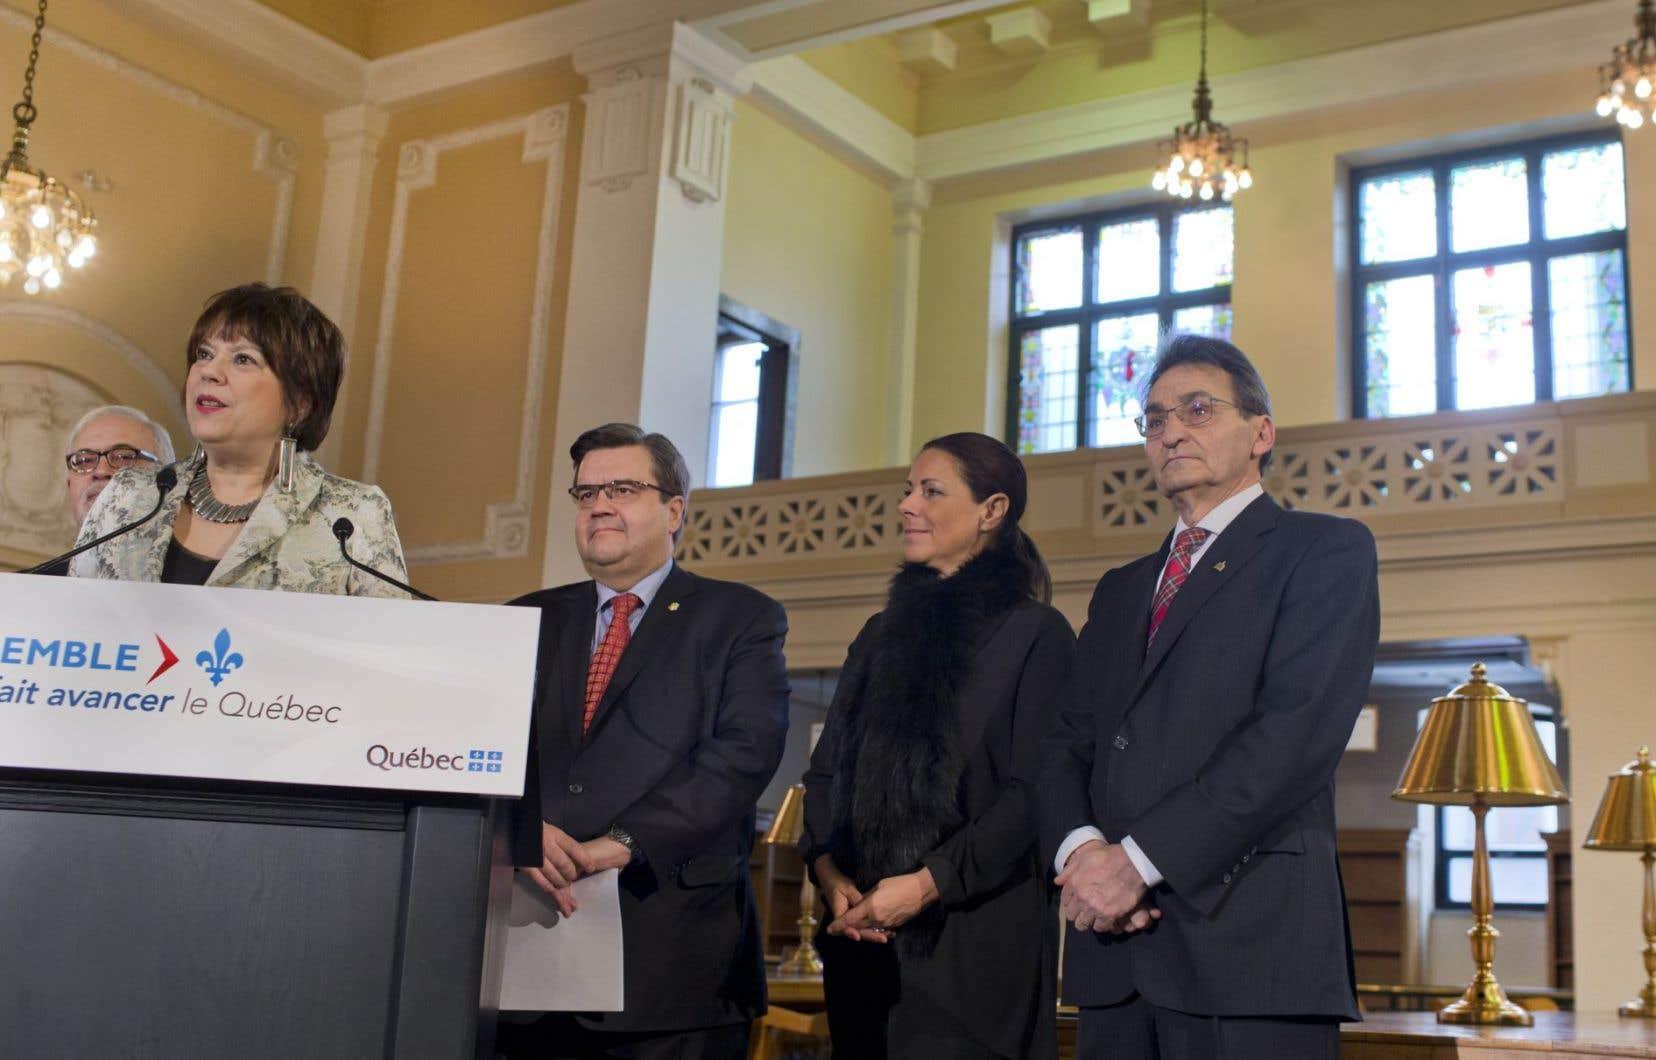 Les ministres Carlos Leitão et Hélène David, le maire de Montréal, Denis Coderre, et les membres du comité exécutif Manon Gauthier et Richard Bergeron étaient à la bibliothèque Saint-Sulpice dimanche matin.